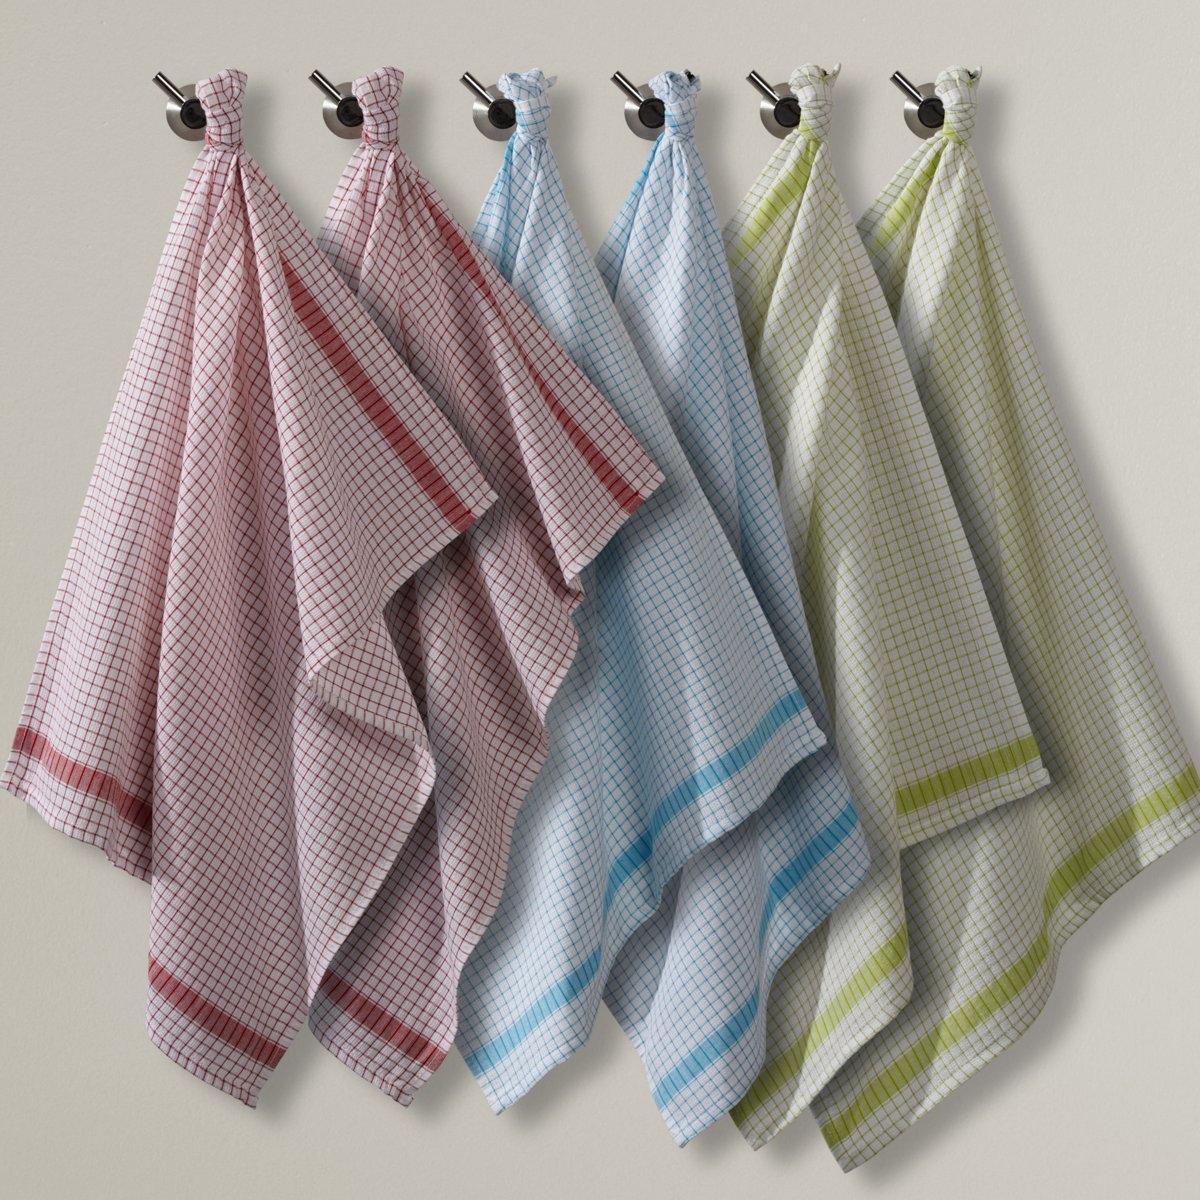 Полотенца кухонные из вафельной ткани в клетку (6 шт.)